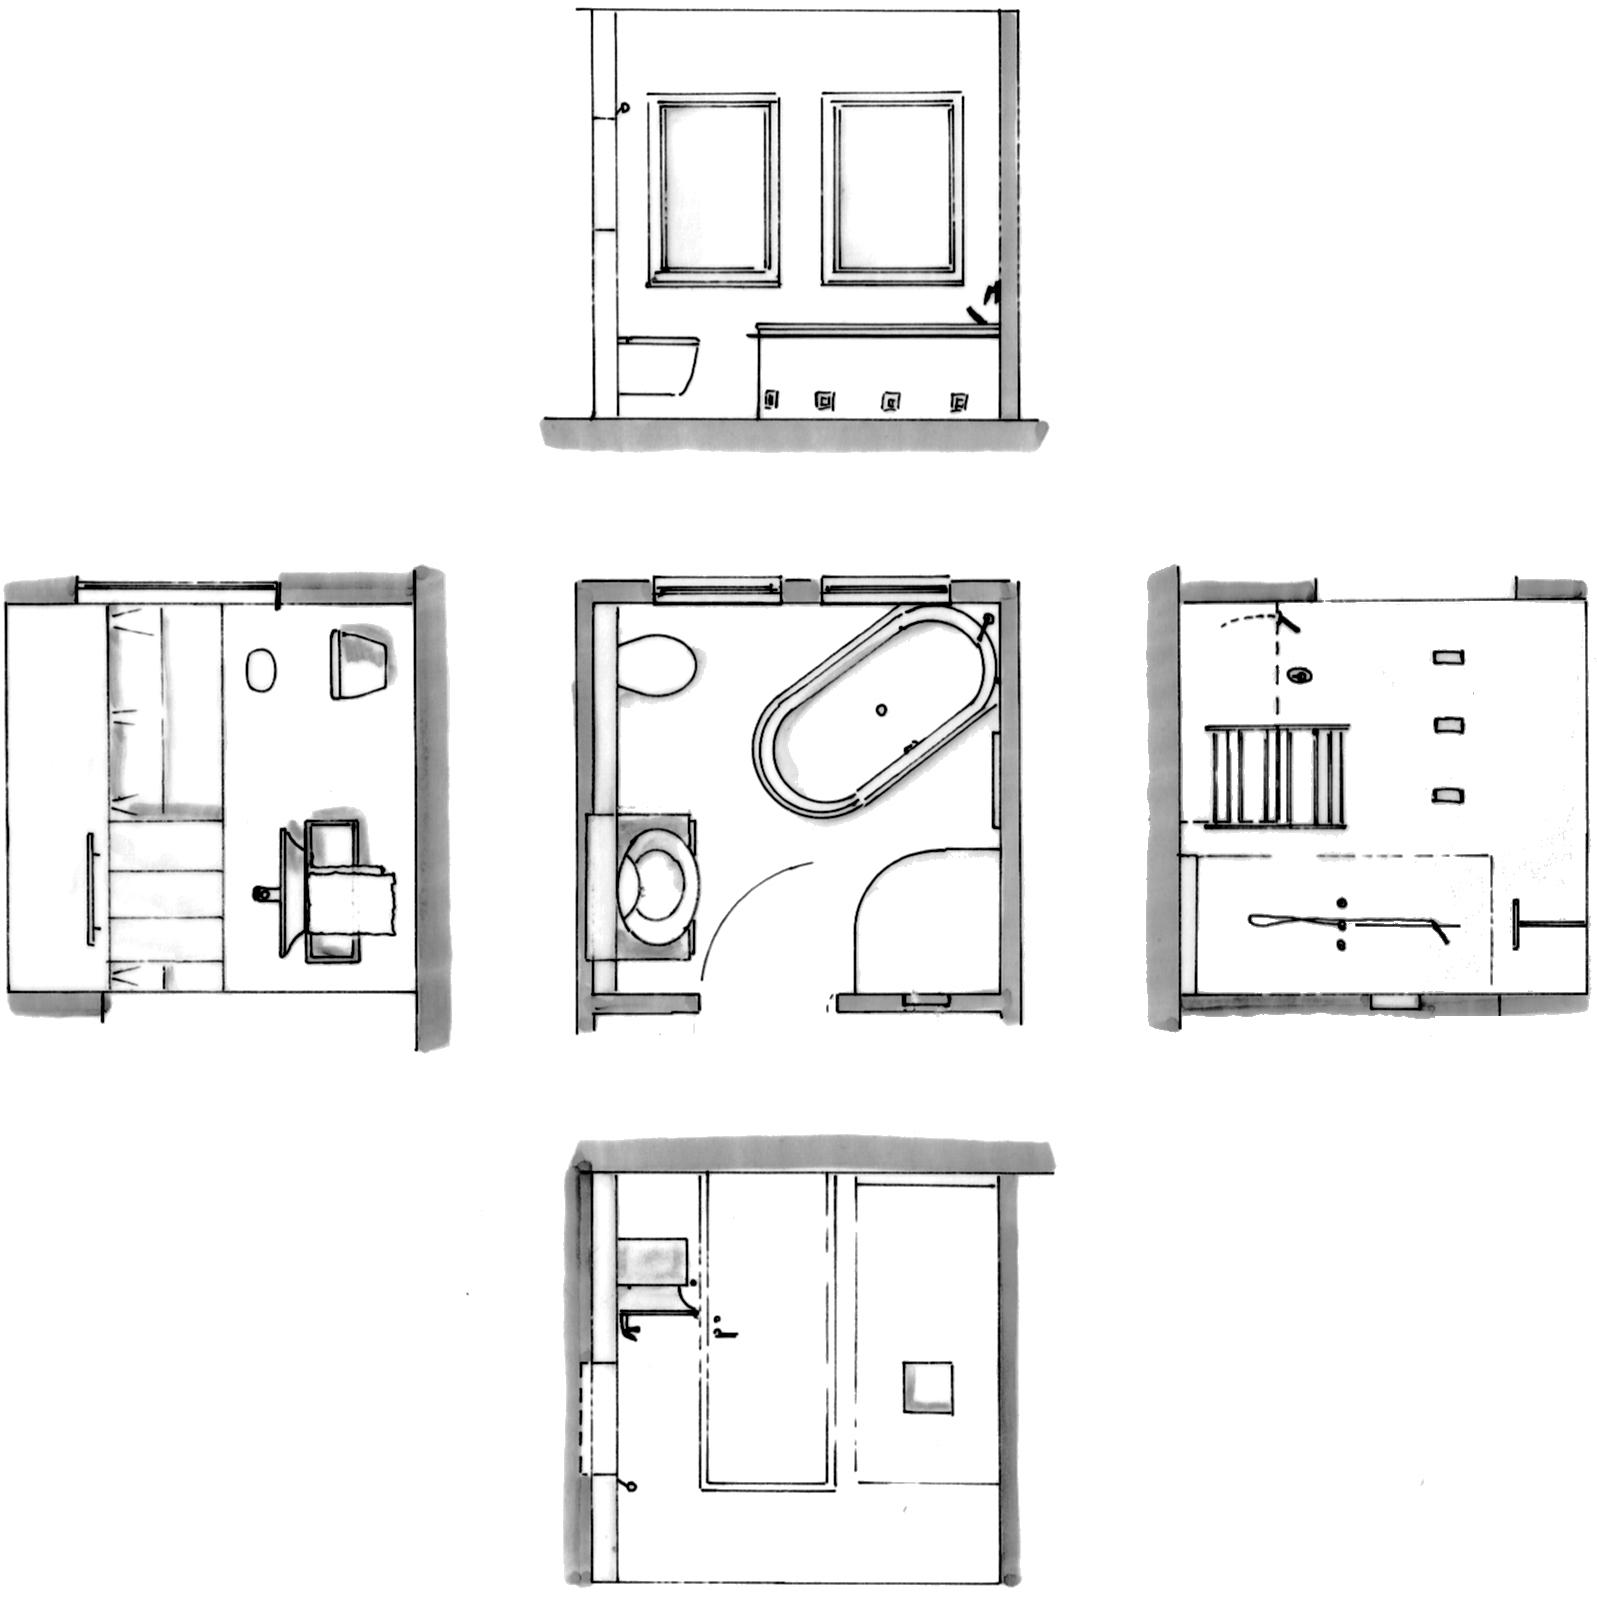 badezimmer ideen grundriss ~ innenarchitektur und möbel inspiration, Badezimmer ideen